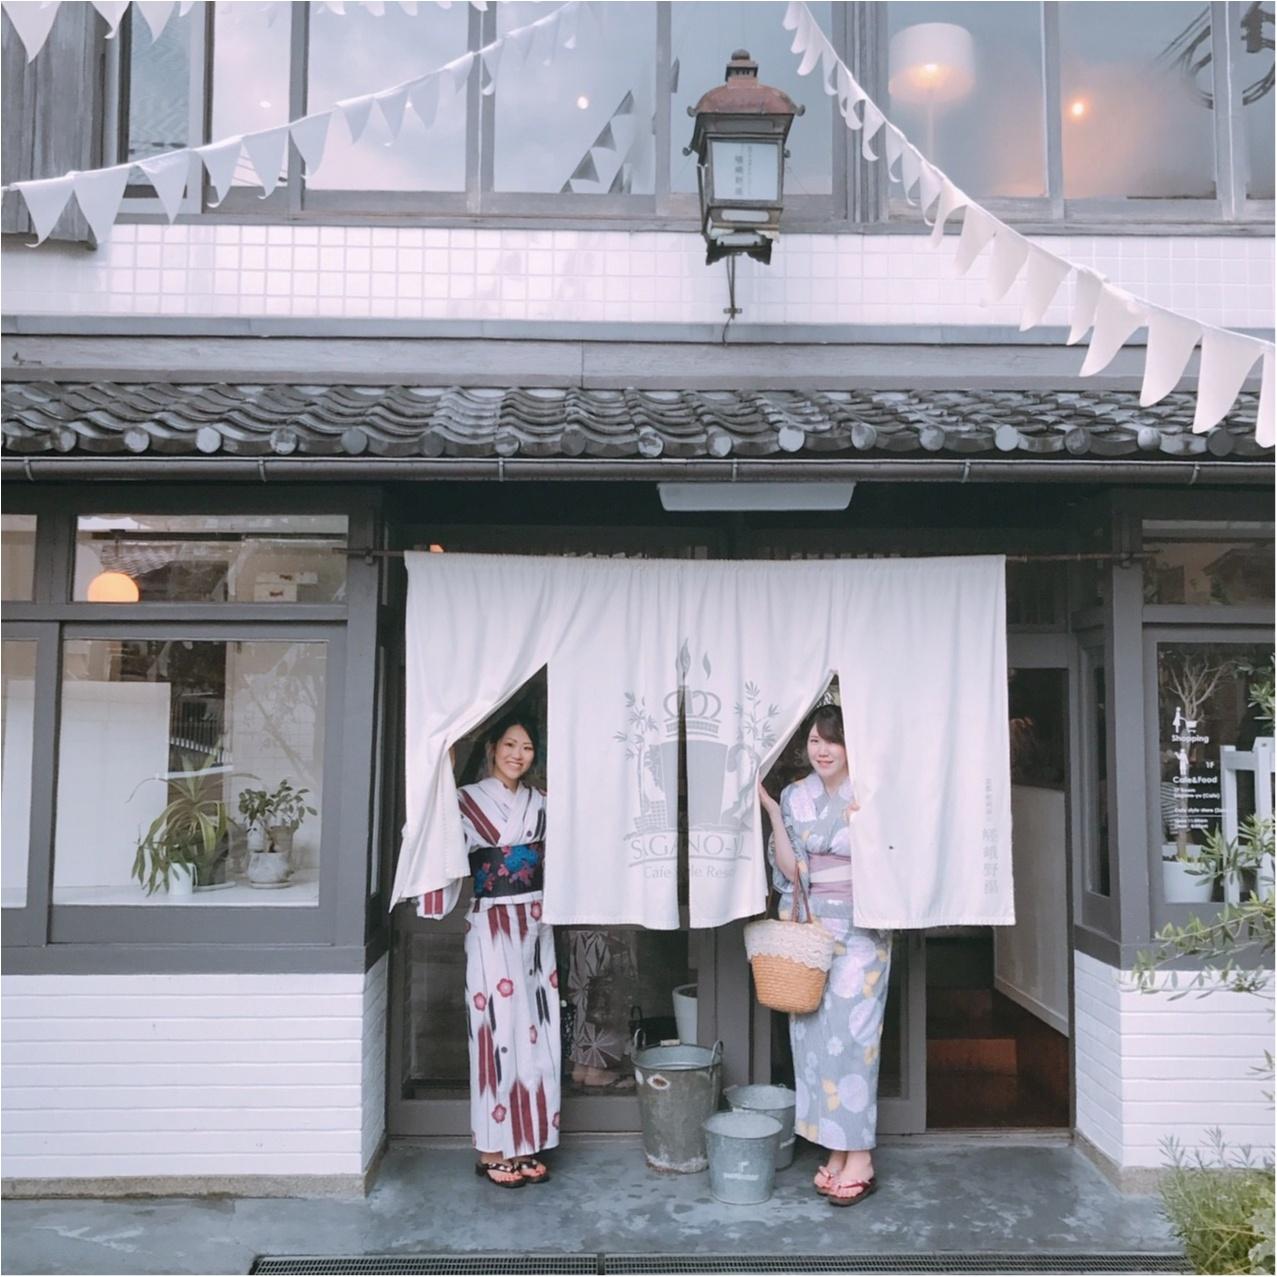 【京都女子旅】銭湯をリノベした素敵カフェ『嵯峨野湯』でランチ!_1